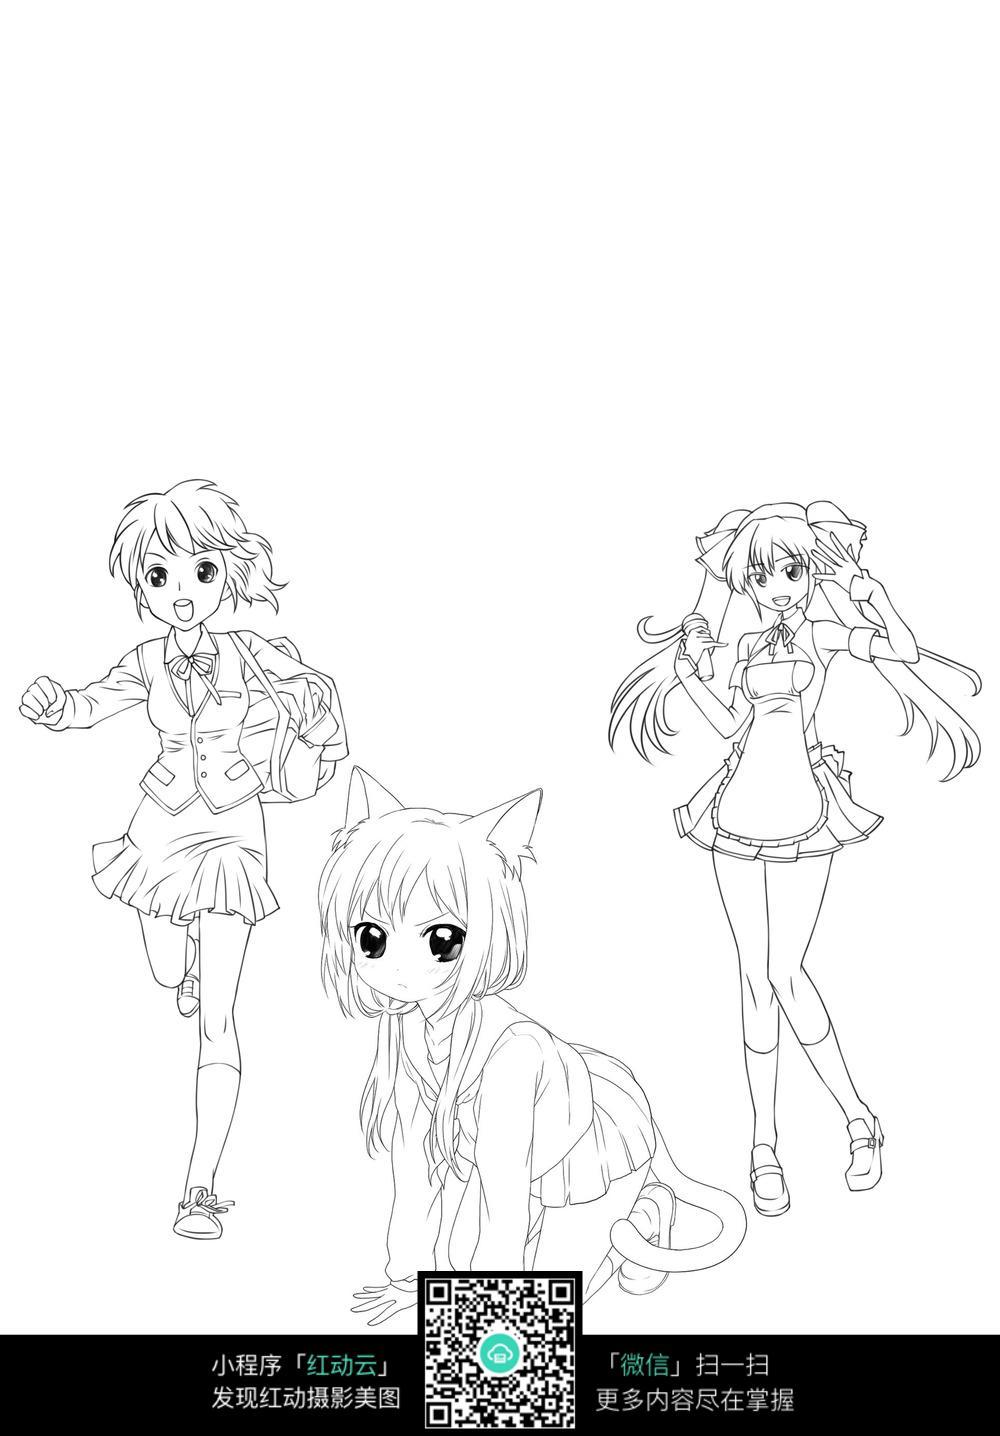 日本动漫美少女线稿_人物卡通图片